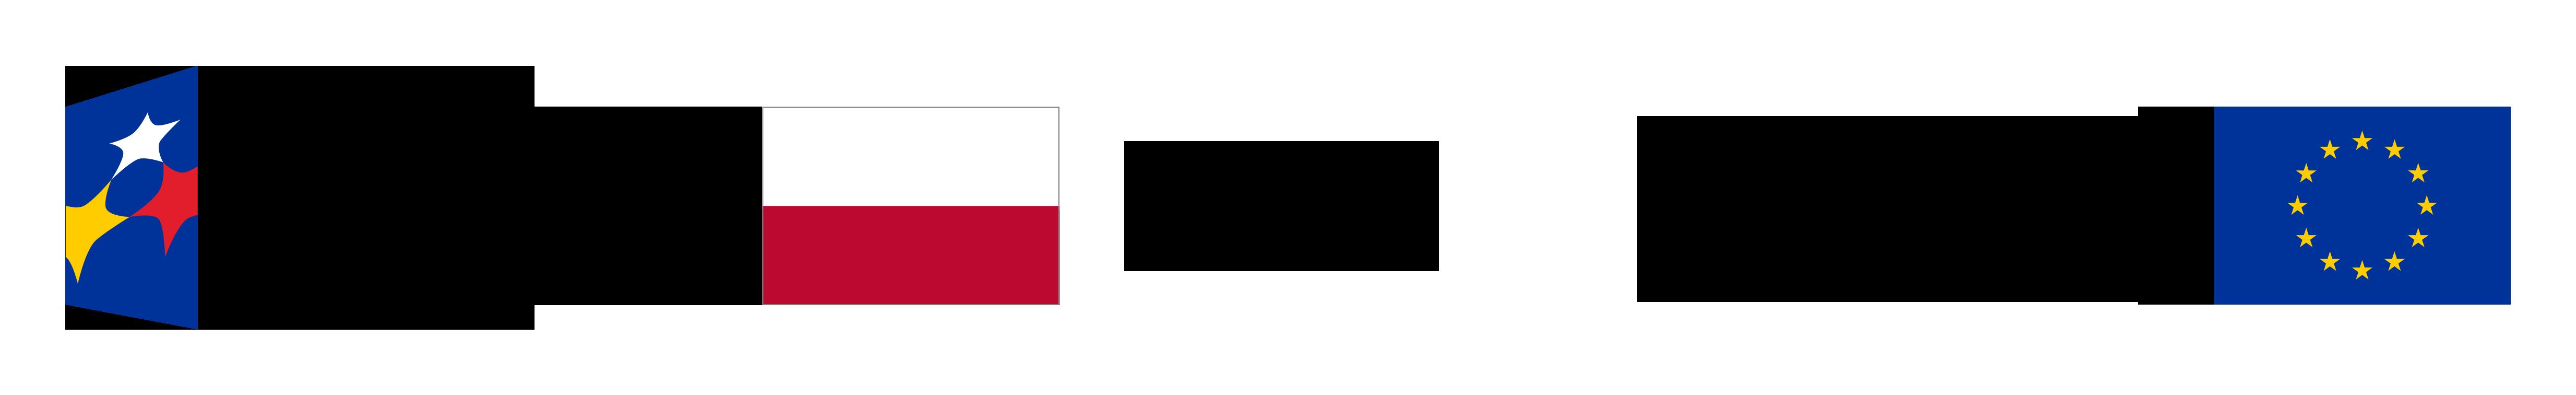 FE_POIR_poziom_engl-1_rgb